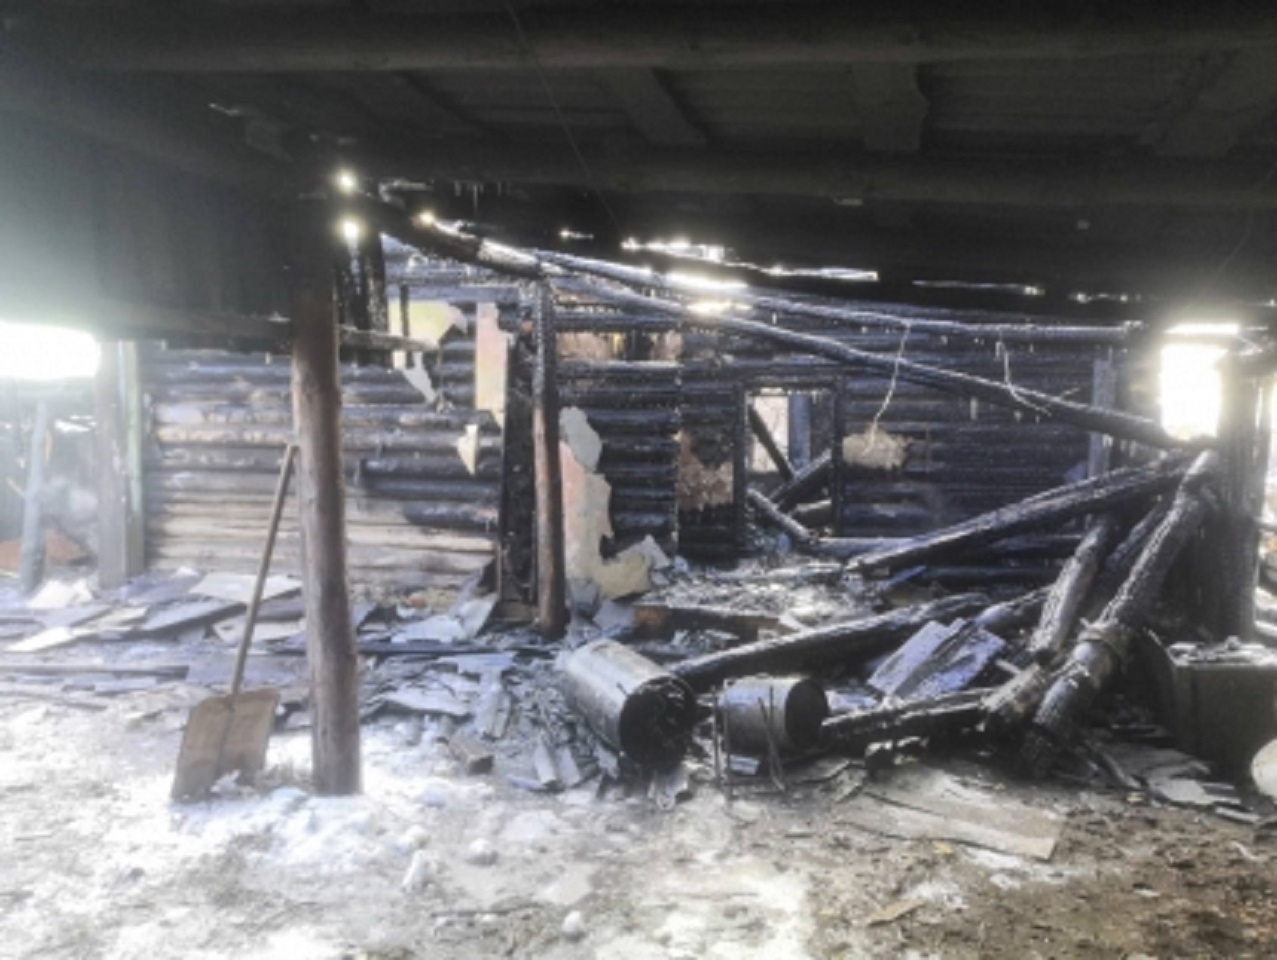 Самодельный обогреватель стал причиной беды: один человек сгорел, второй в больнице